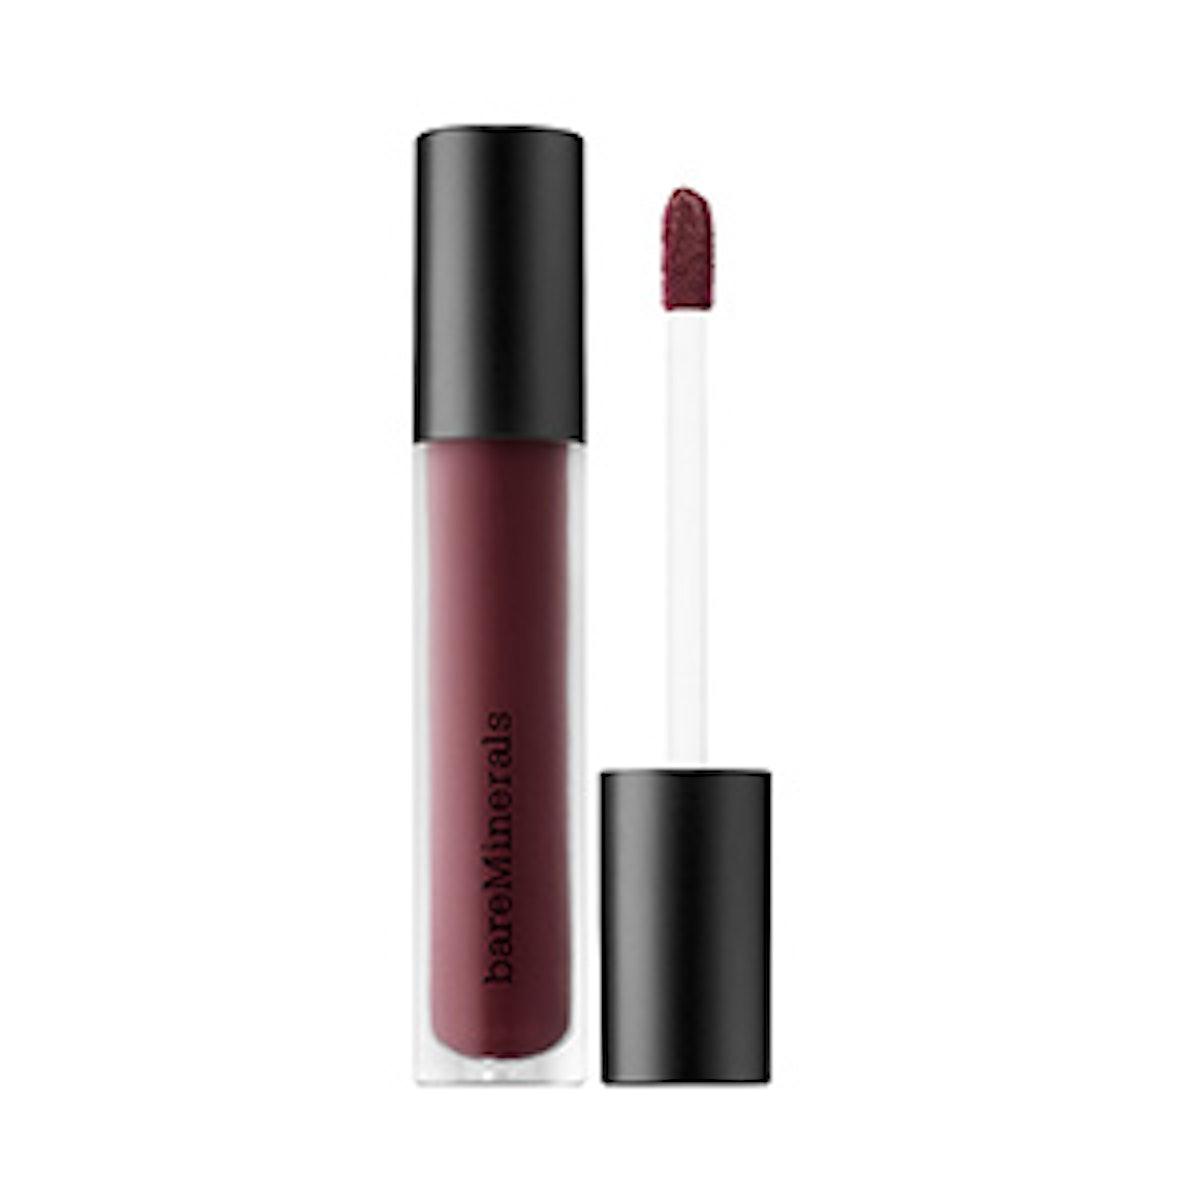 Gen Nude Matte Liquid Lip Color in Swank